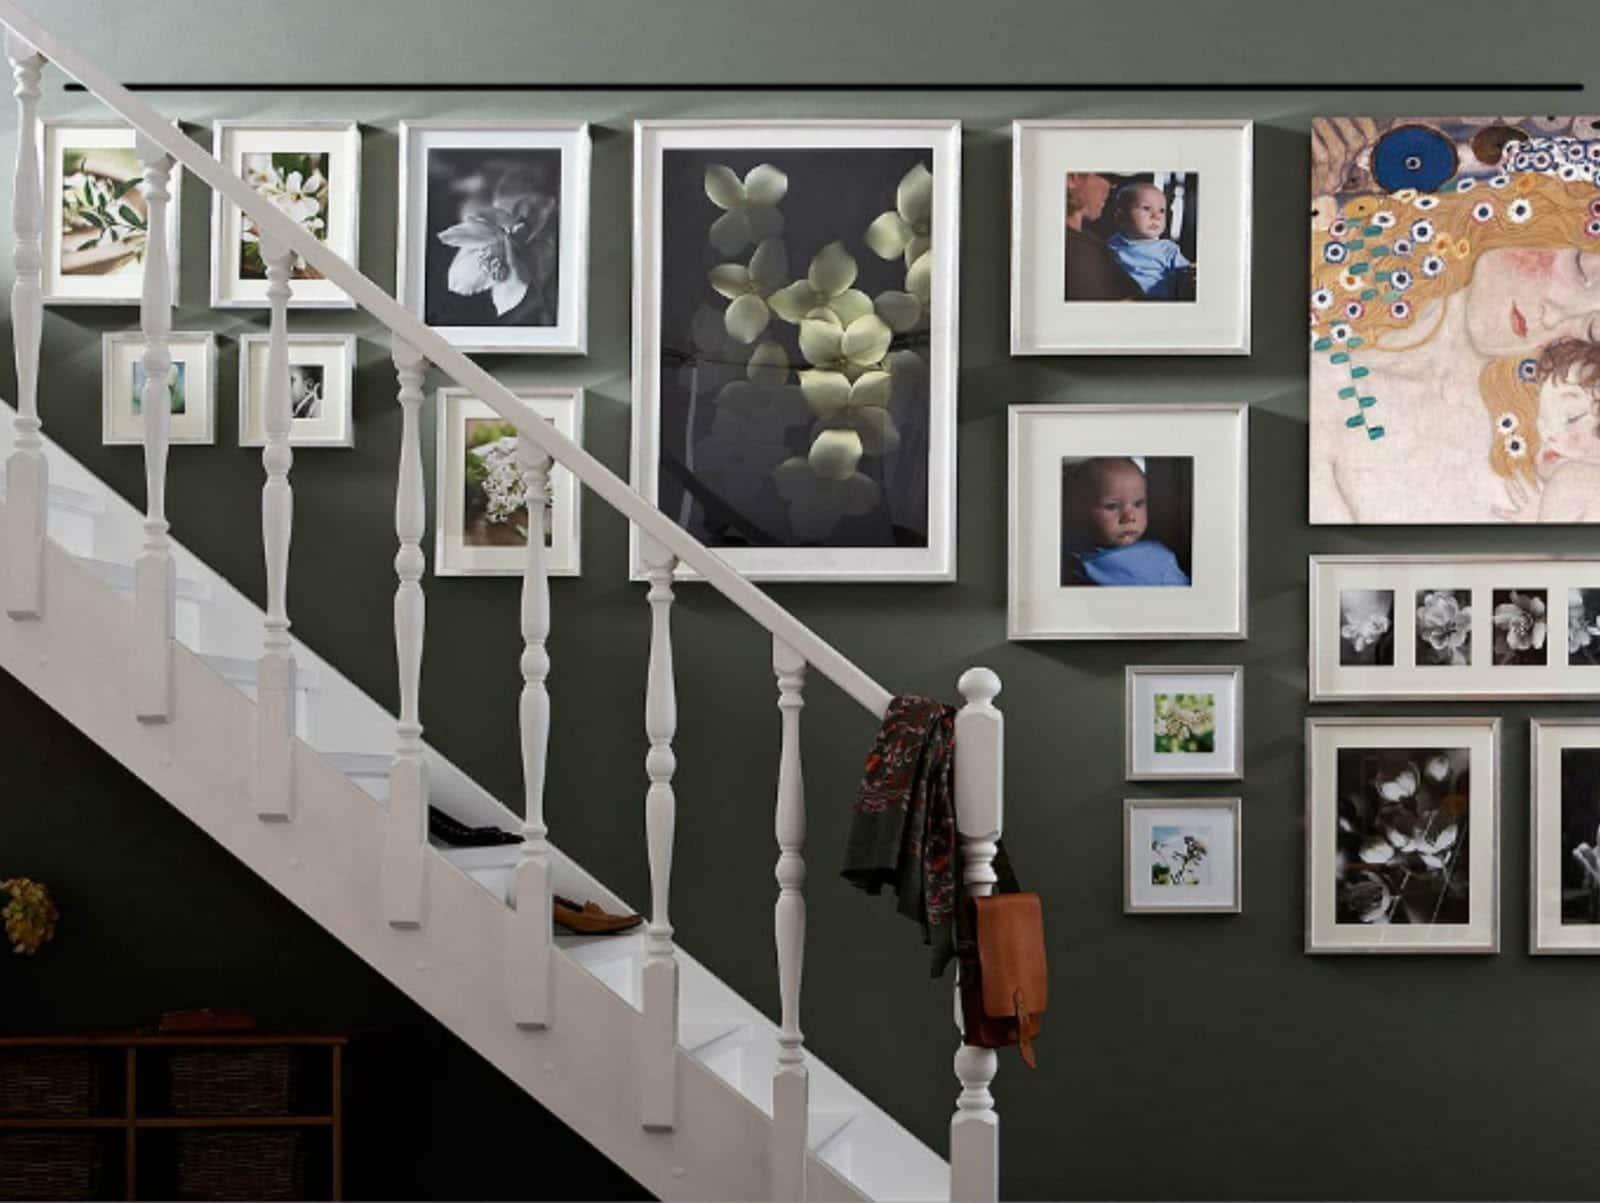 Colgar cuadros en casa parte i - Cuadros para pared ...